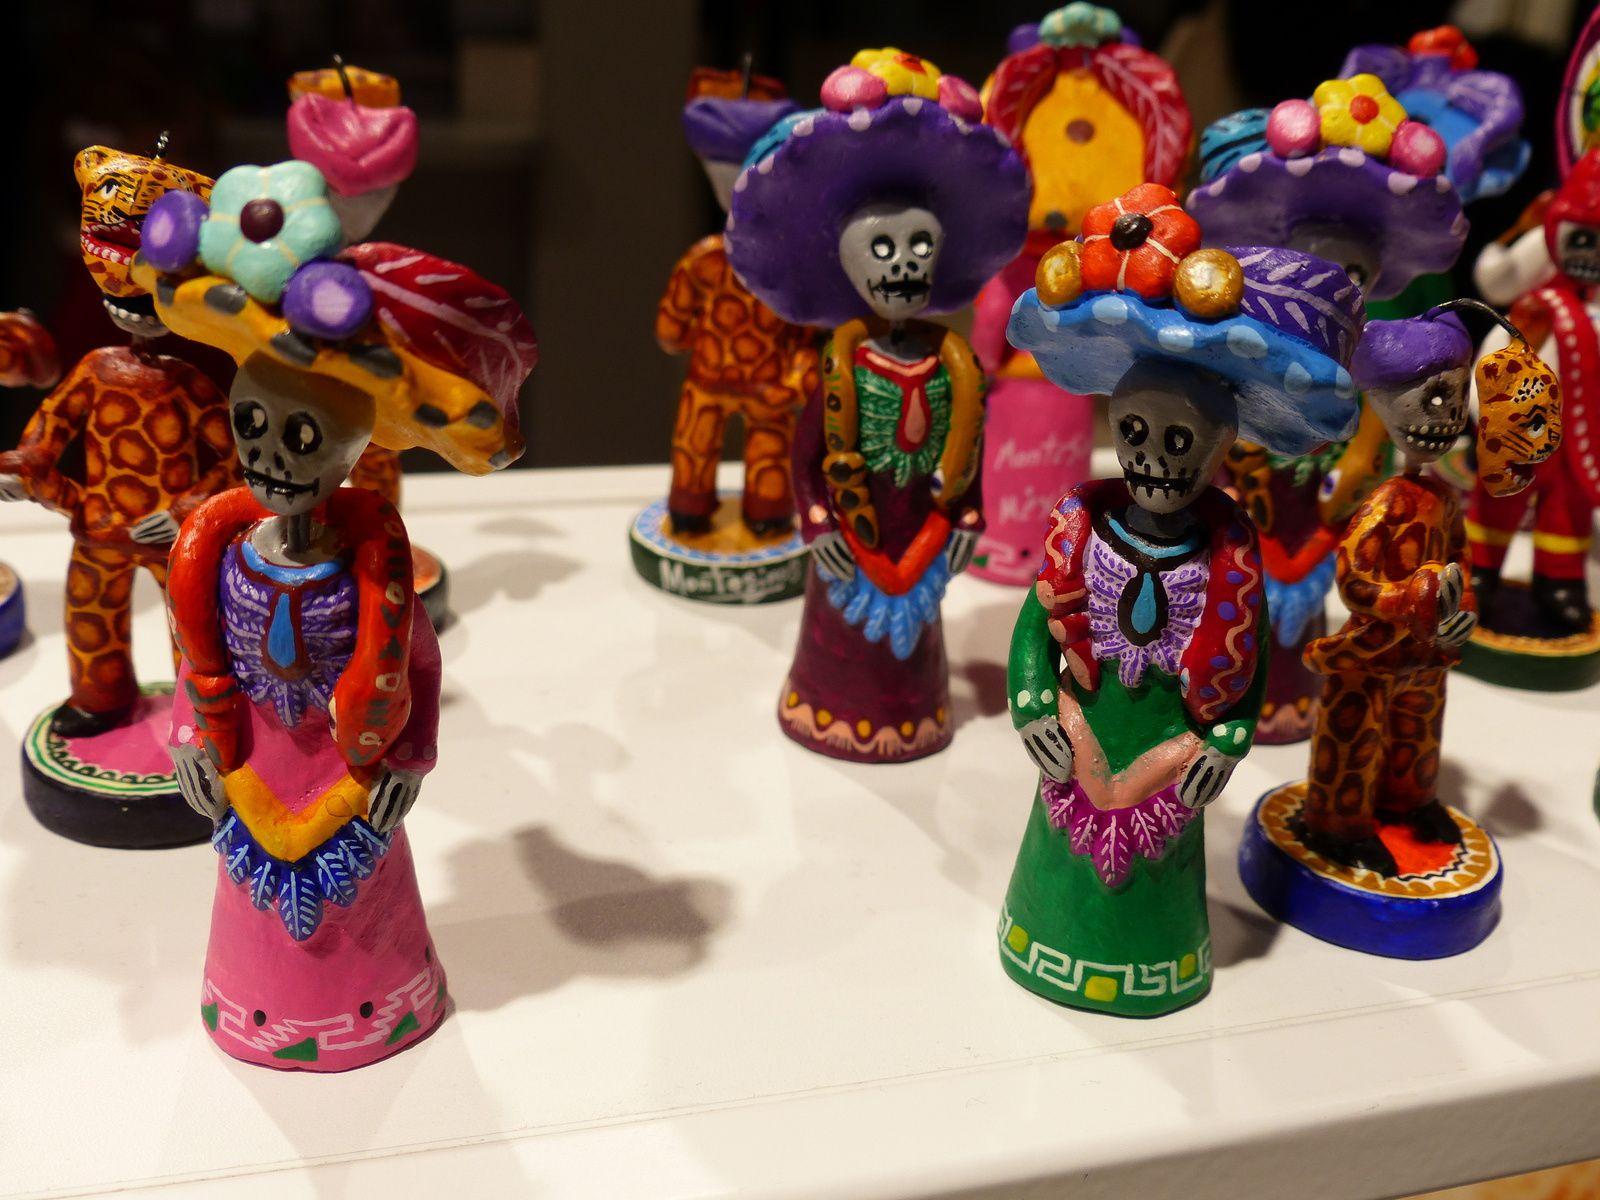 N'ayant ni le temps, ni les moyens de me rendre au Mexique, je le remercie d'être venu à moi via ses artistes au Grand Plalais / PARIS.